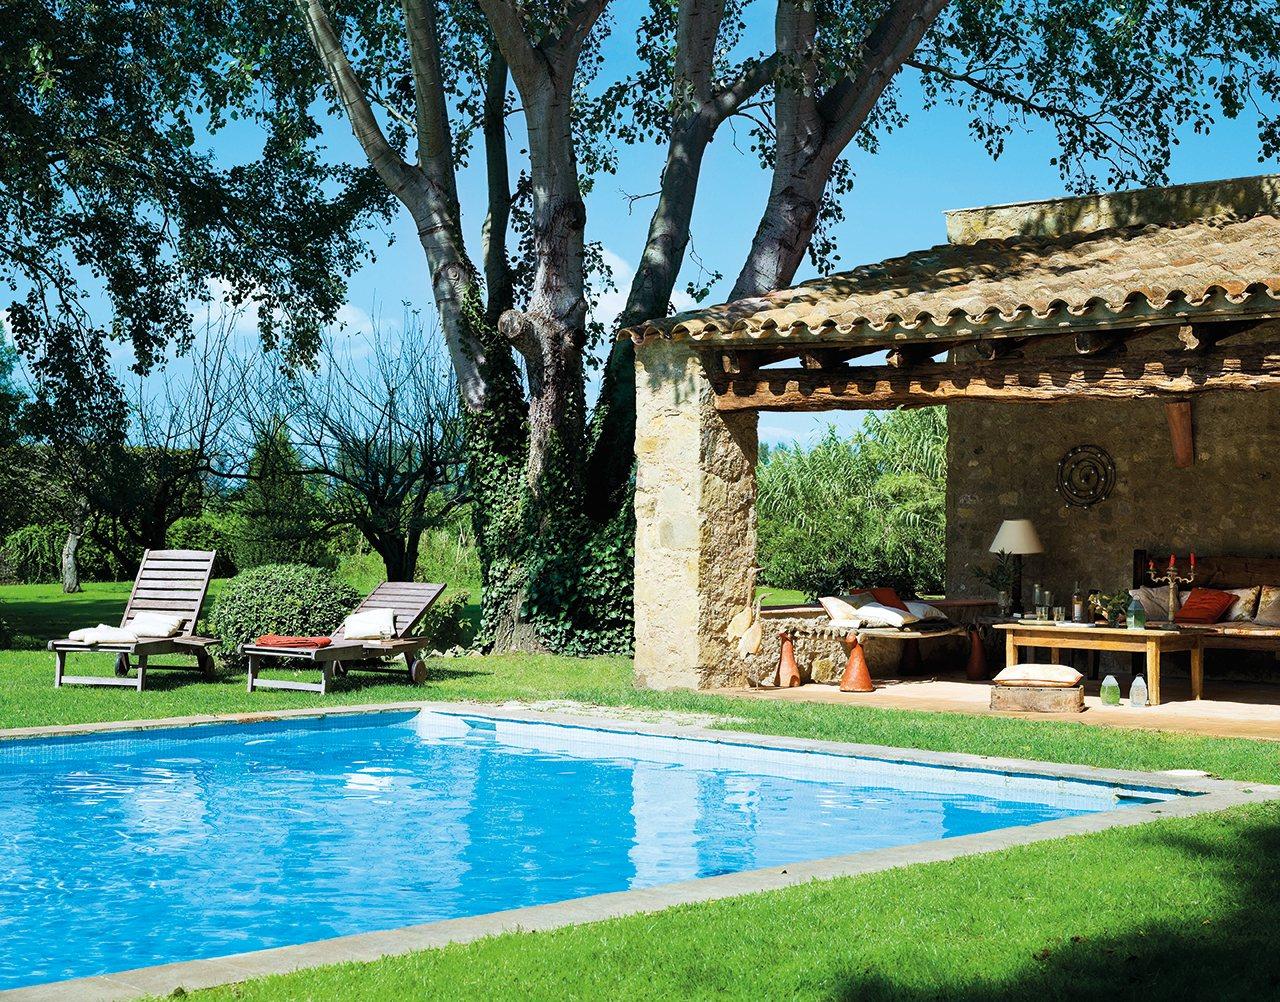 Piscina de arena compactada precio great piscina de obra - Precio piscinas de arena ...